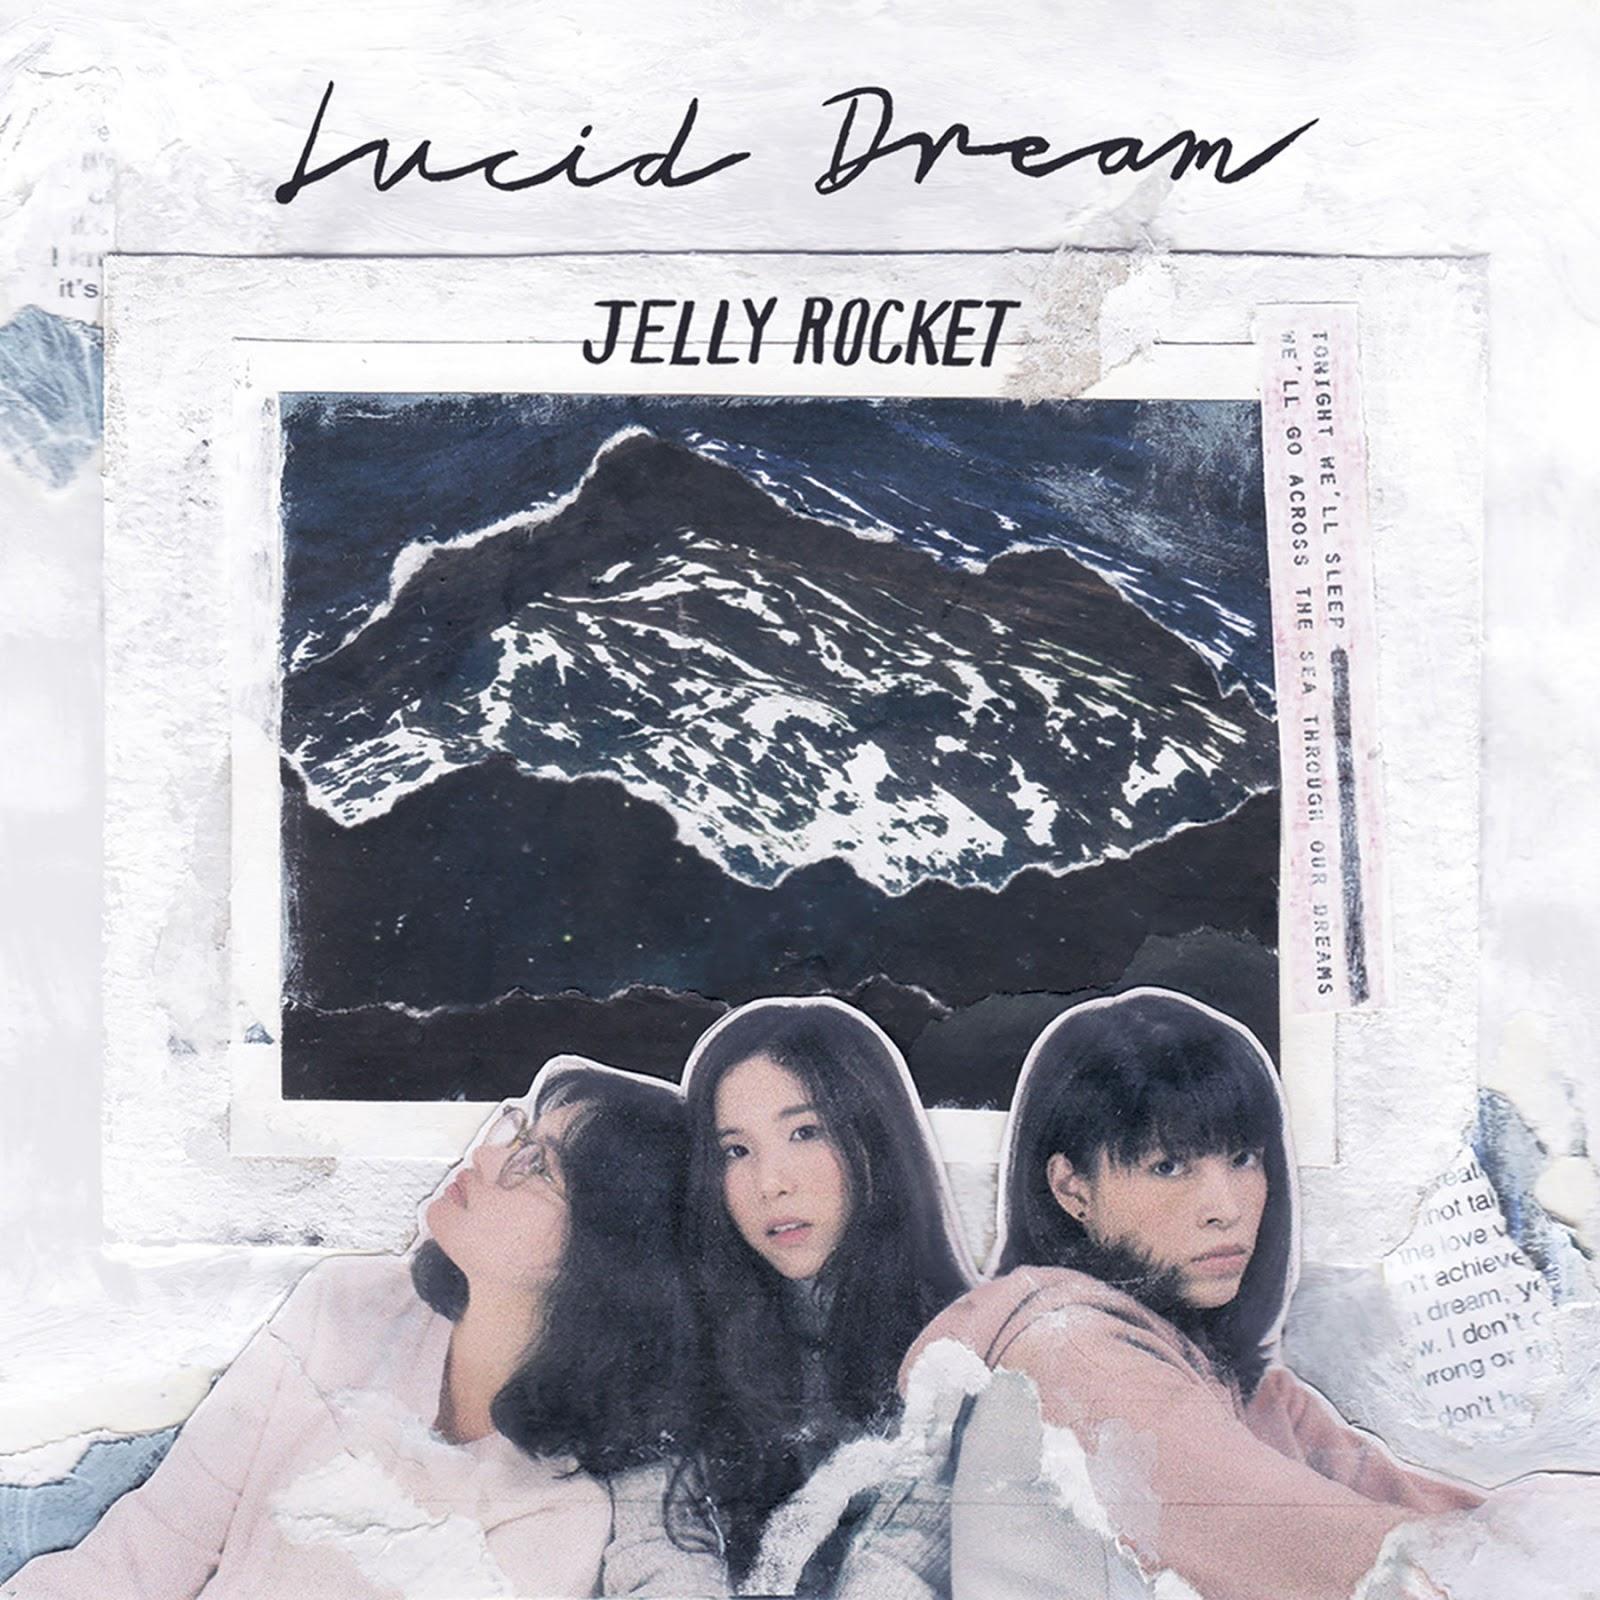 อัลบั้ม Lucid Dream